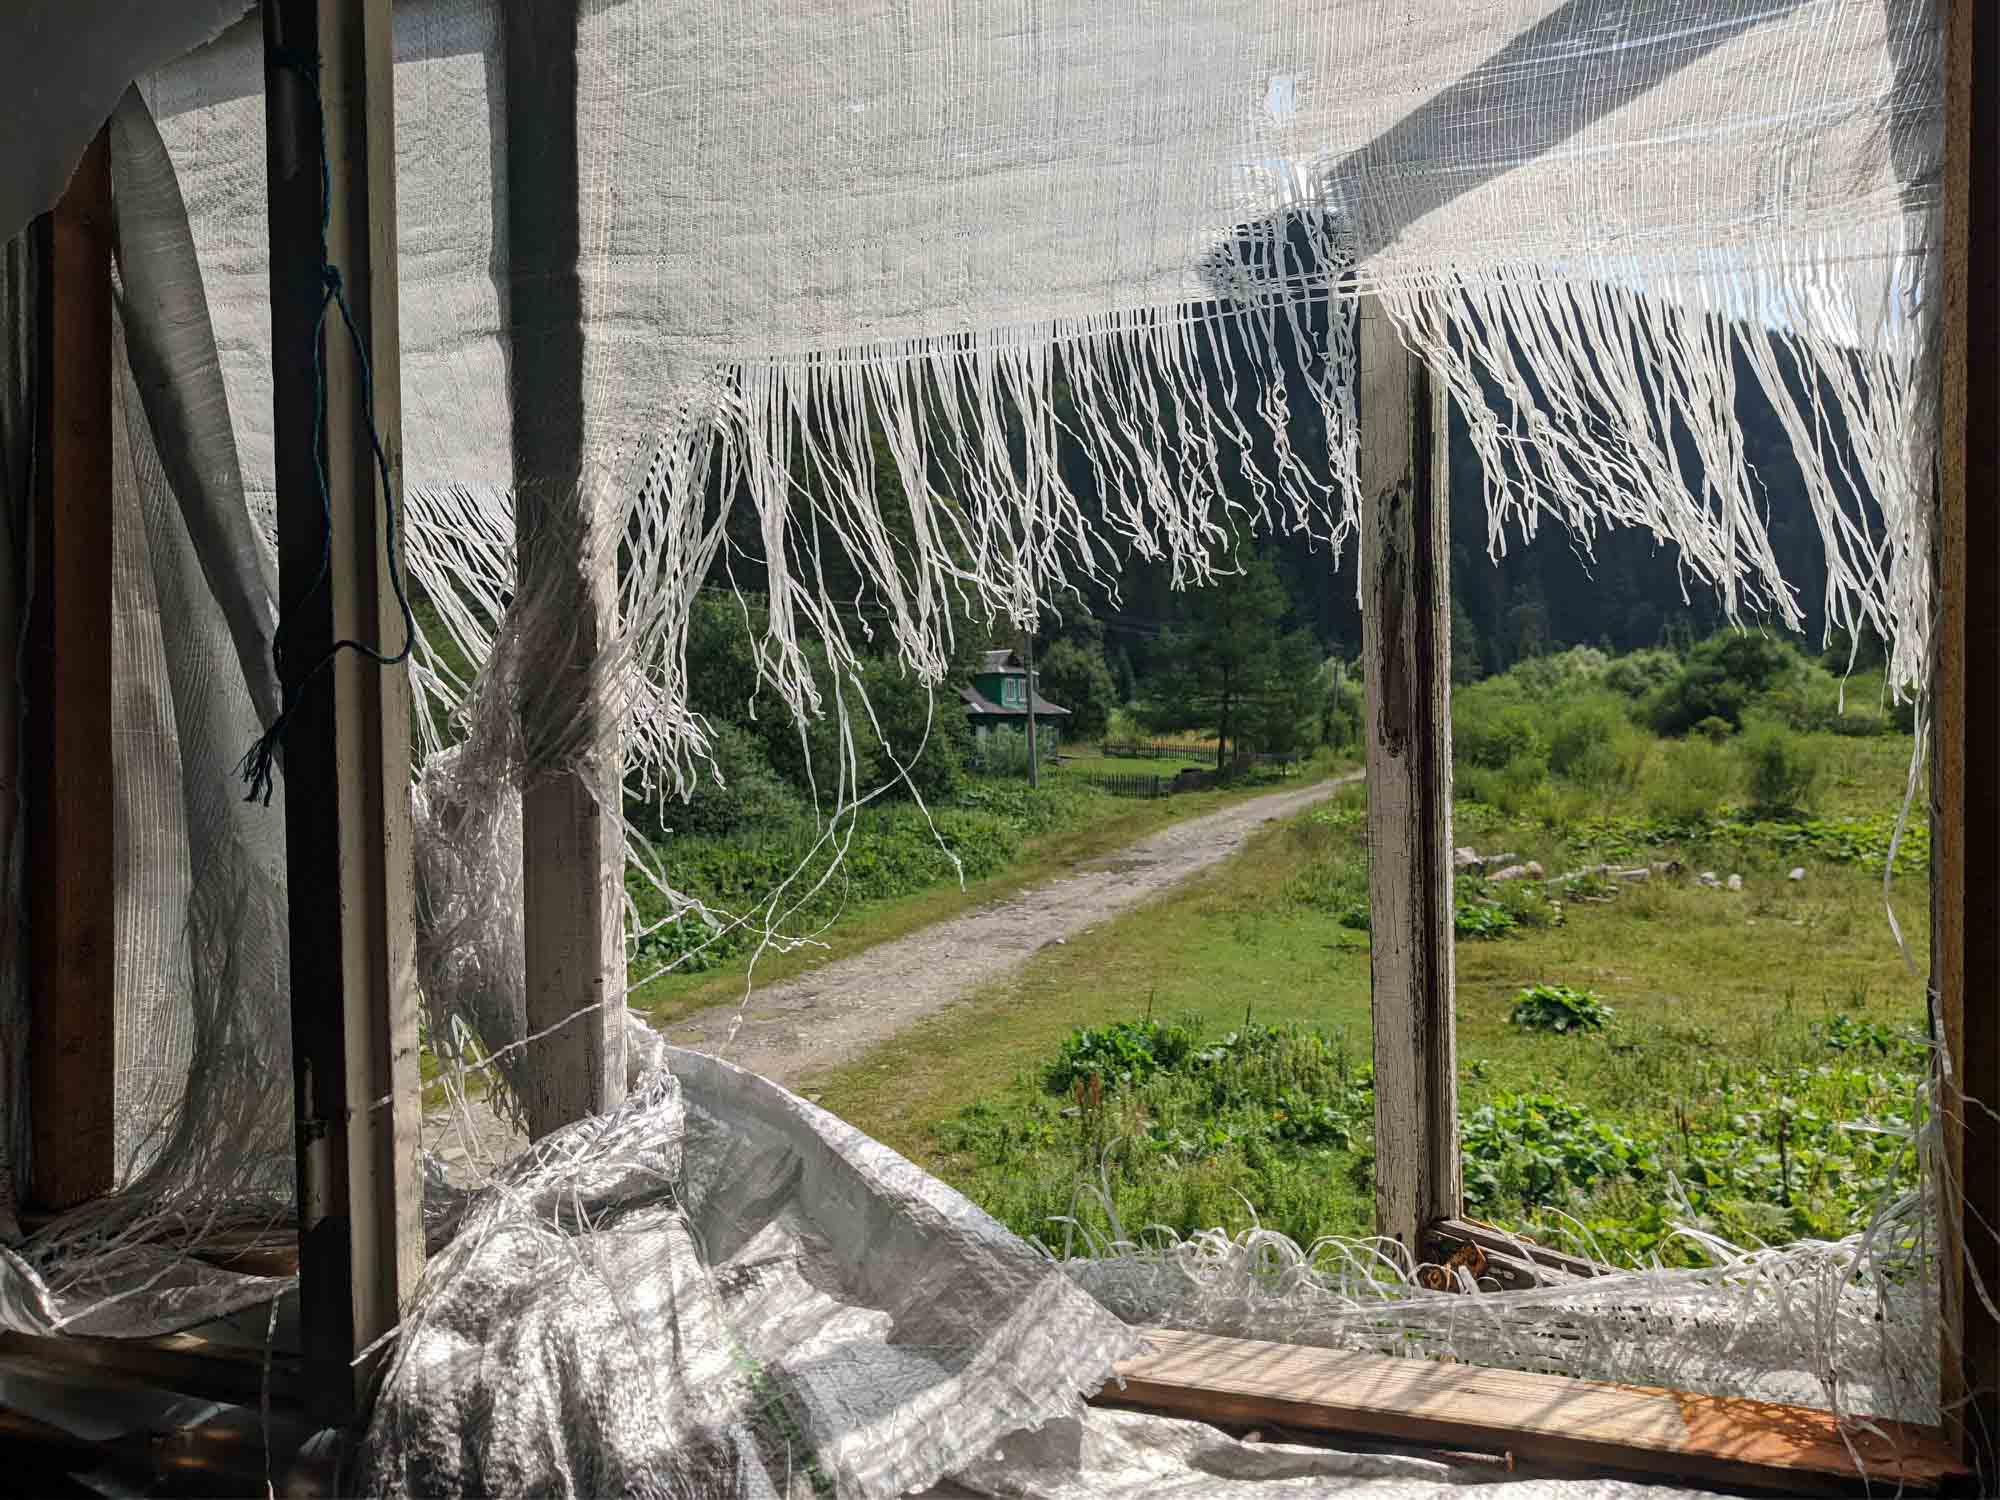 Схоже на Прип'ять: у мережі показали прикарпатське село-привид (ФОТО)